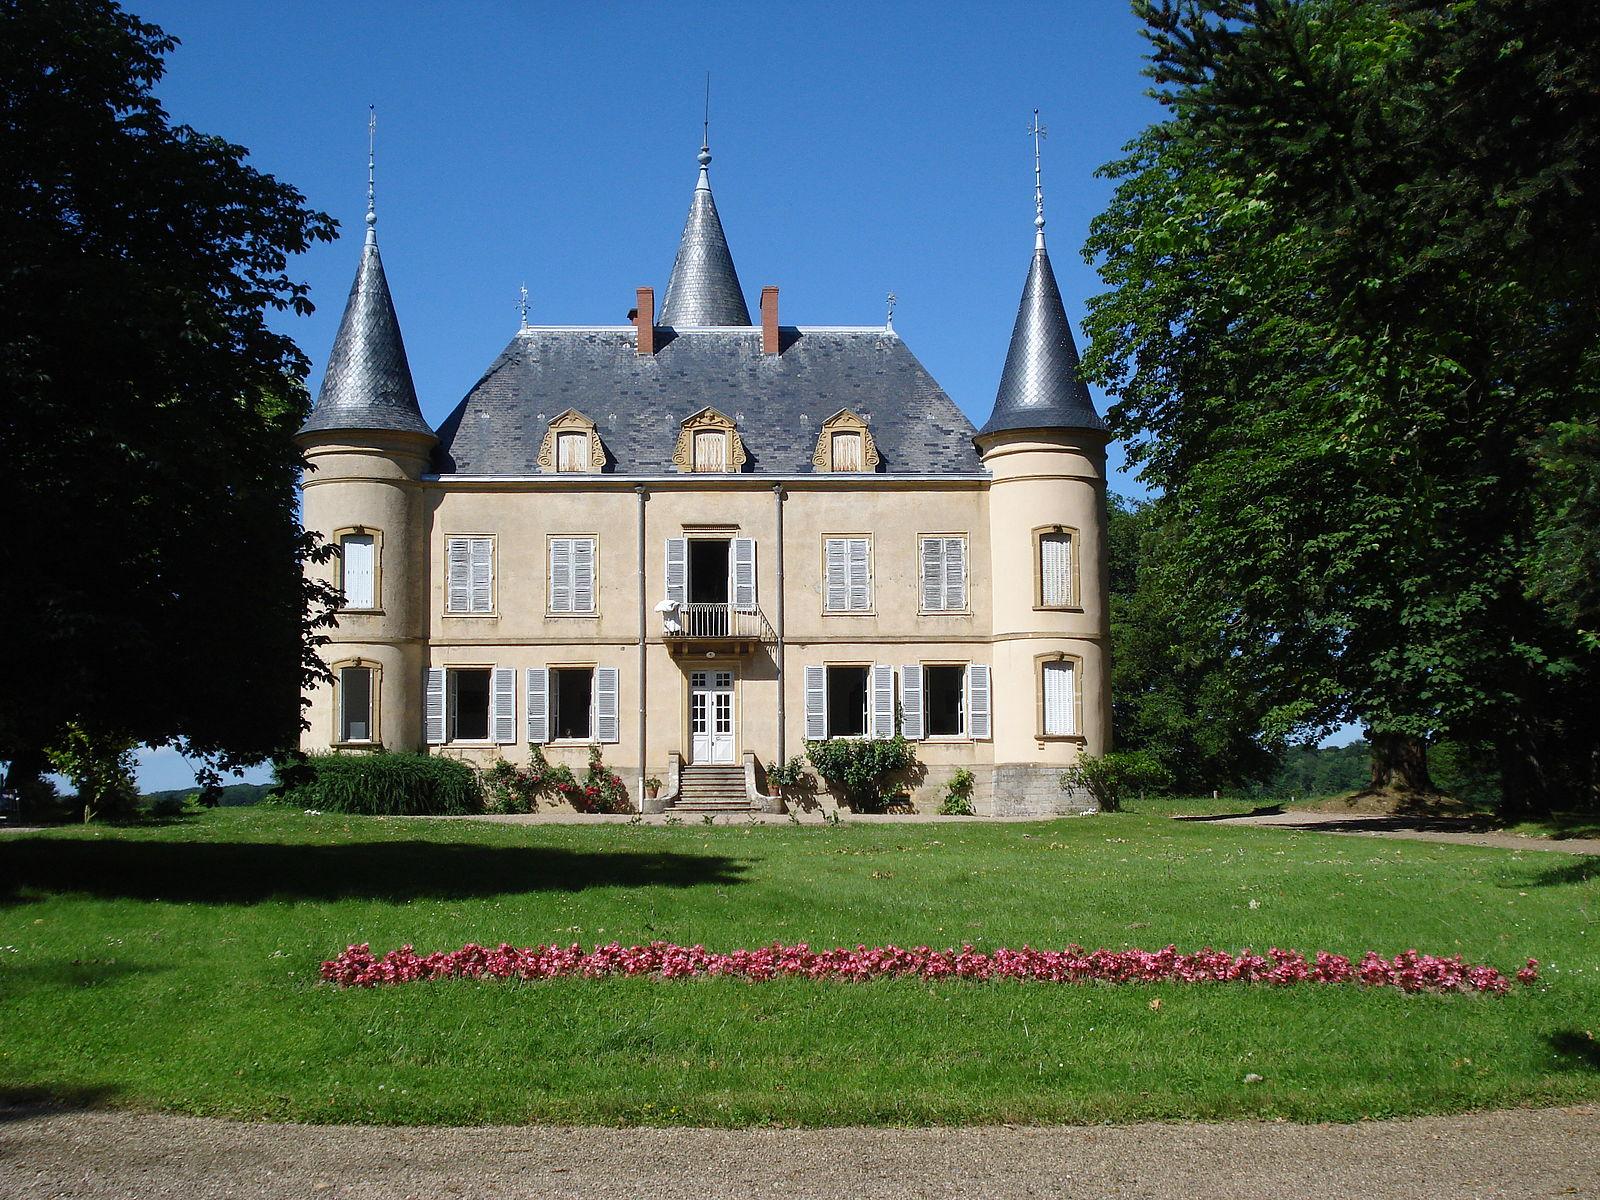 Château de Clessy, Saône-et-Loire, France